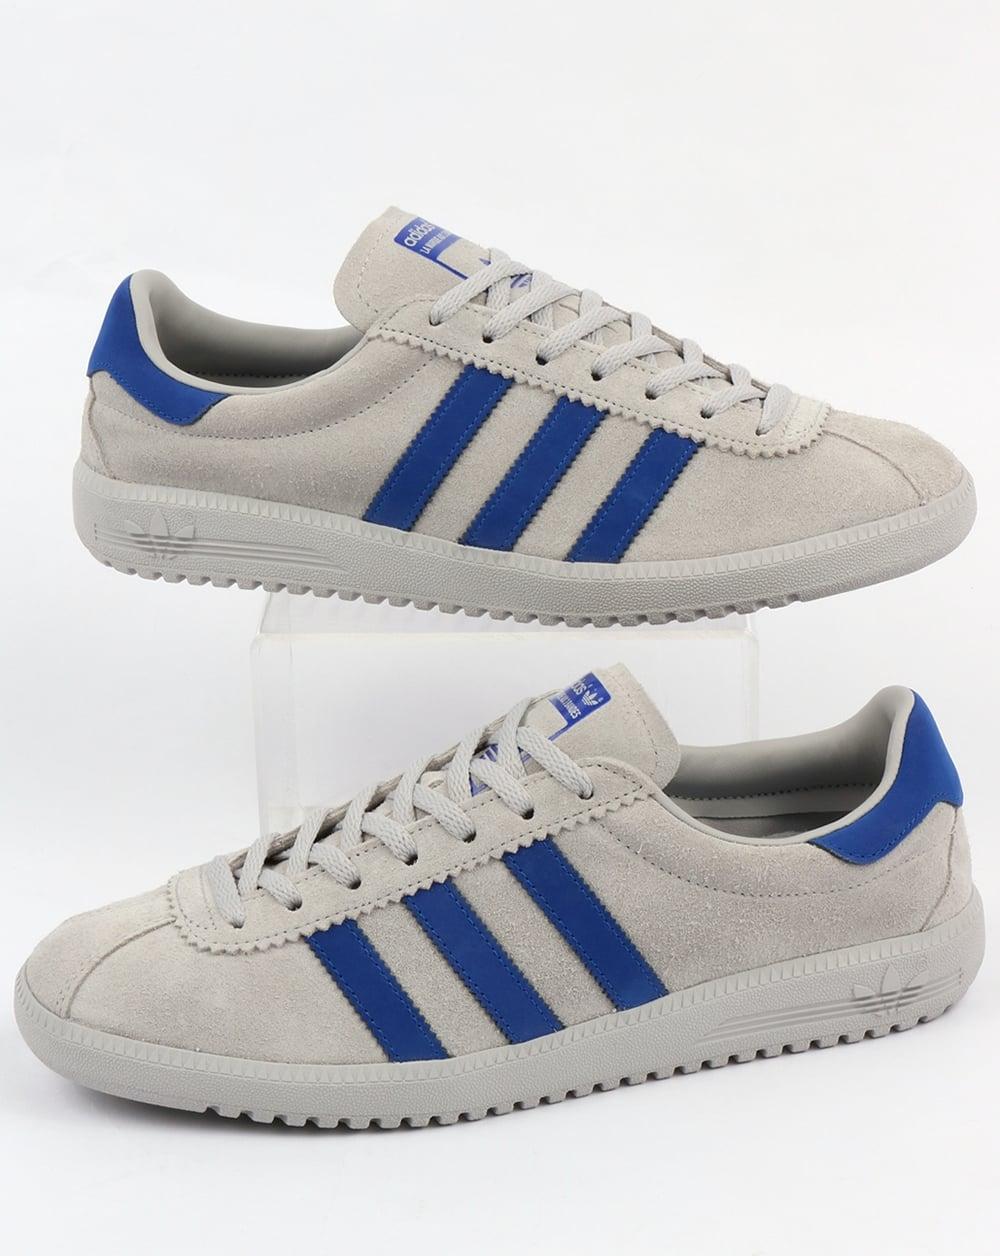 Adidas Bermuda Trainers Grey/Bold Blue